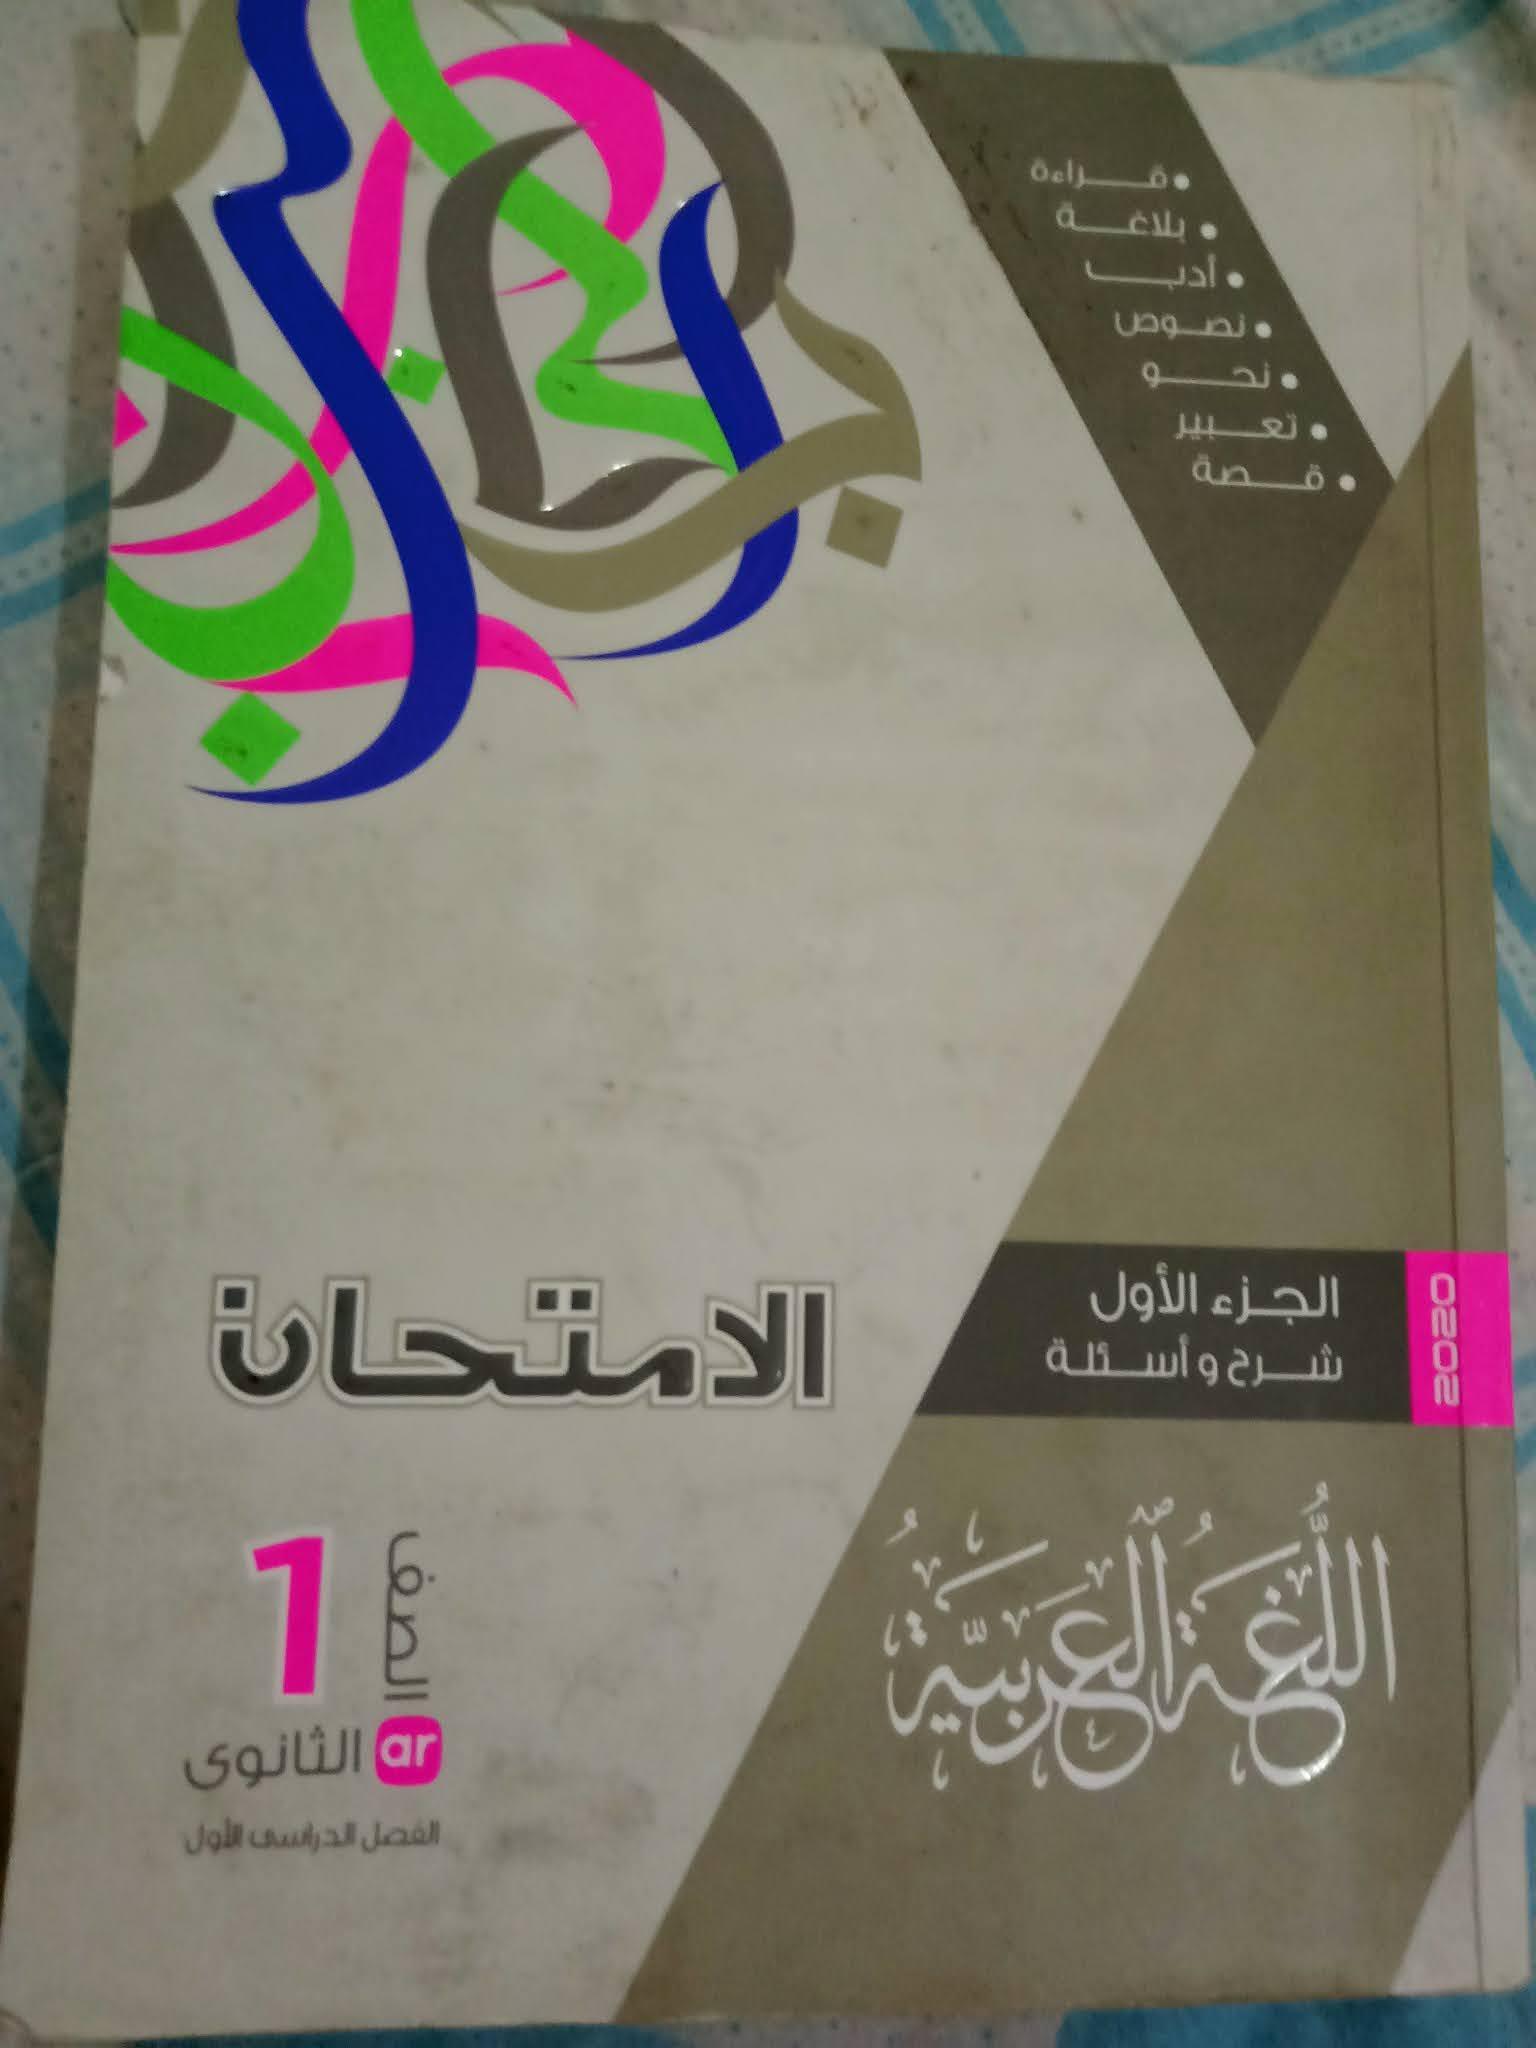 تحميل كتاب الامتحان فى اللغة العربية pdf للصف الأول الثانوى الترم الأول 2020